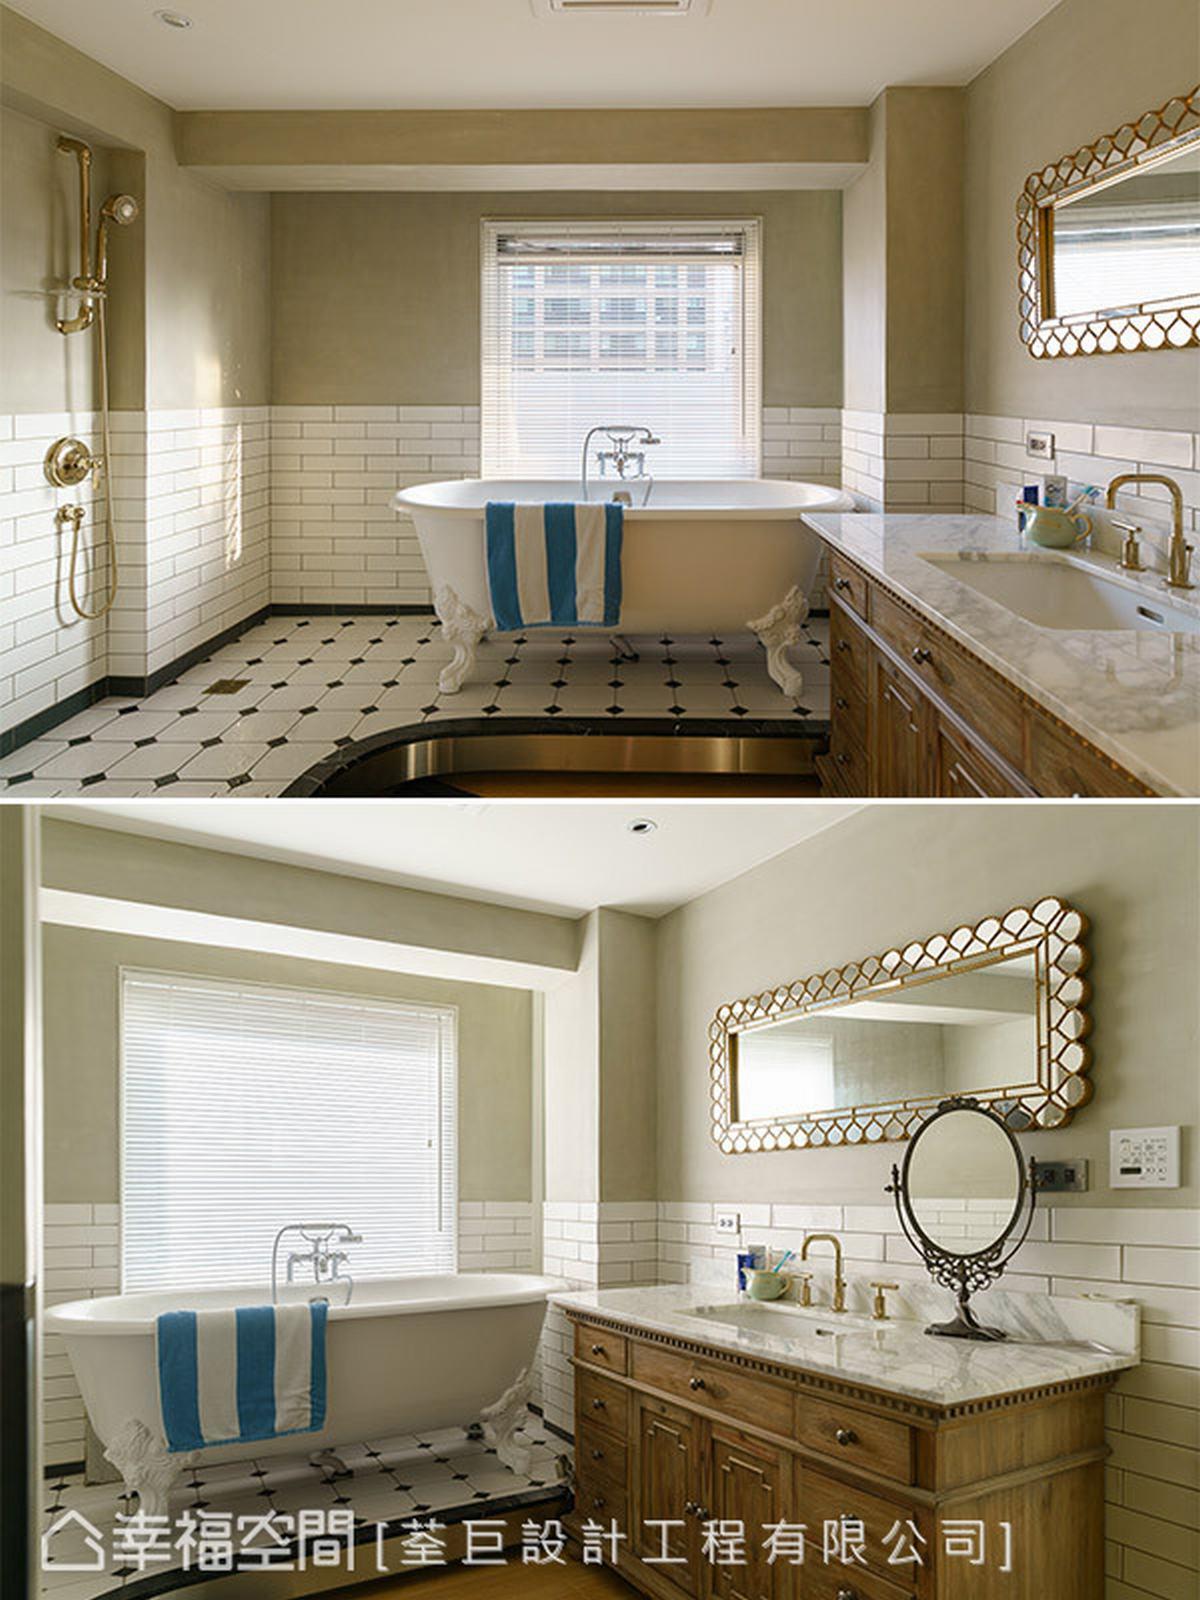 混搭 跃层 旧房改造 卫生间图片来自幸福空间在复刻记忆 165平美剧复古场景的分享